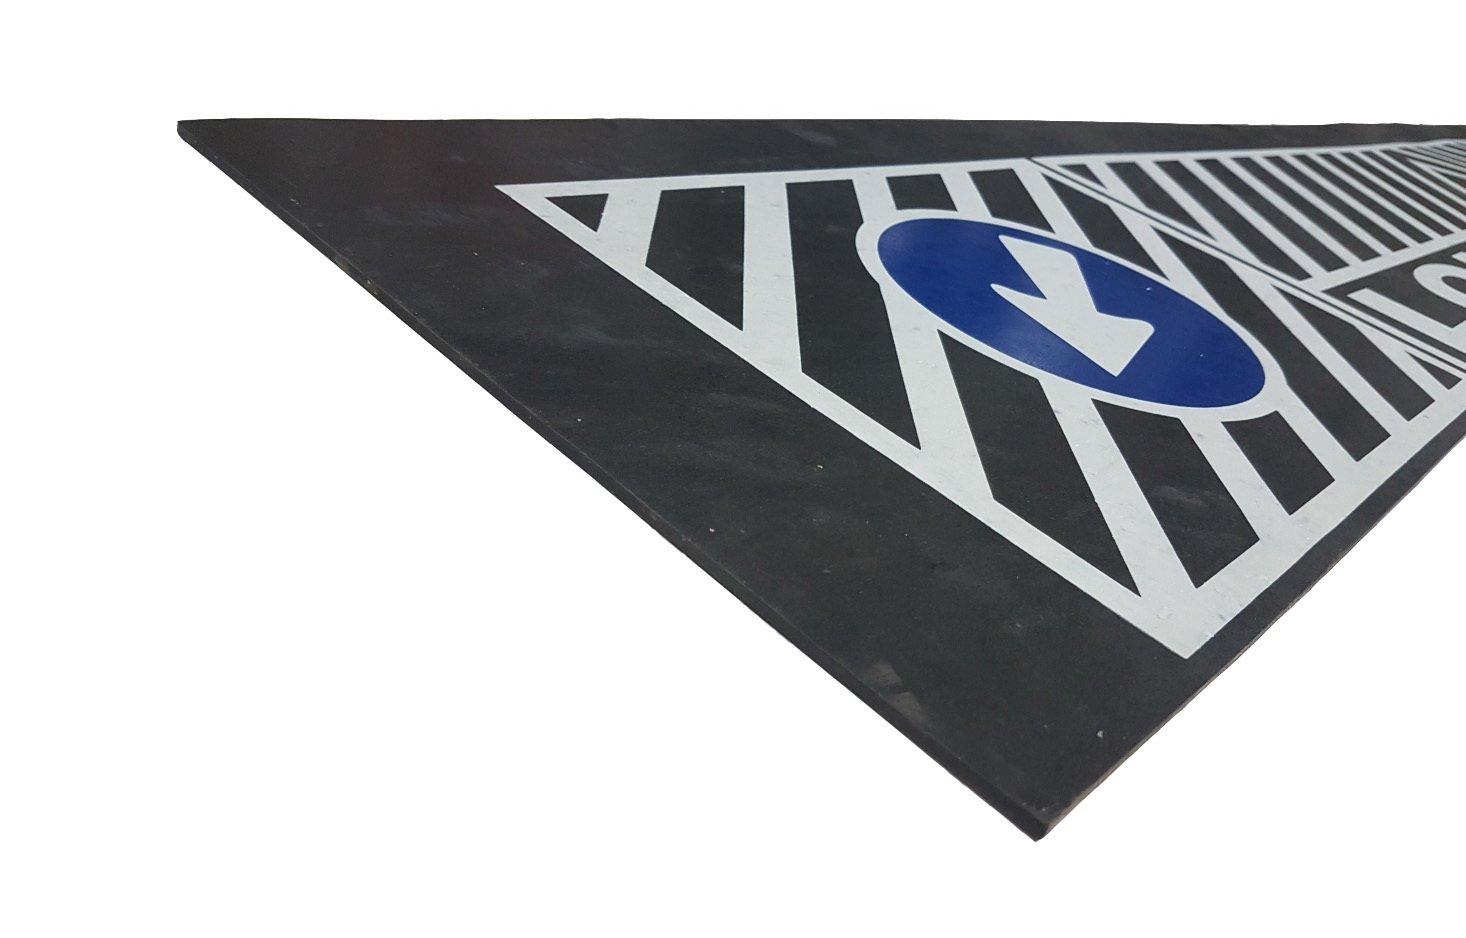 Heavy Duty UV en caoutchouc Garde-boue arri/ère Boue Rabat Long v/éhicule Road Traffic Signs pour camion remorque 239/x 35/cm//238,8/x 35,1/cm 1/pcs